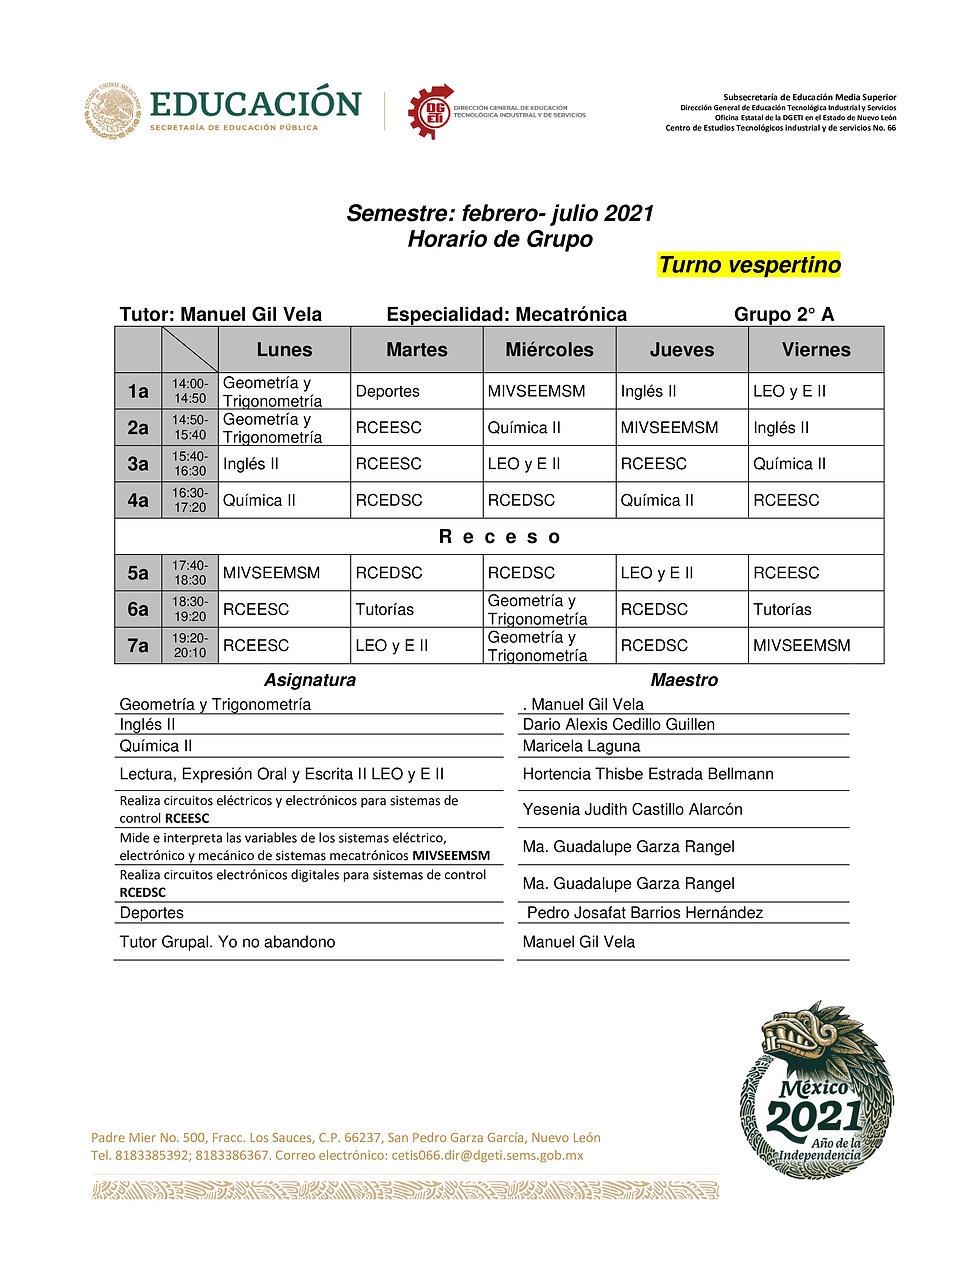 3-TV 21-21 HORARIOS SEGUNDO SEMESTRE-3.j